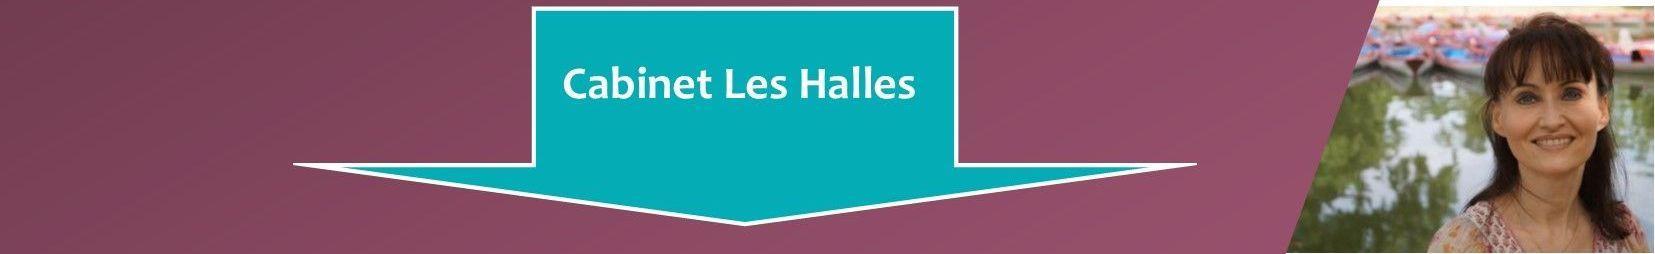 Prendre RDV avec psychanalyste, psychanalyse, cabinet de psychanalyse Paris Les Halles centre 75